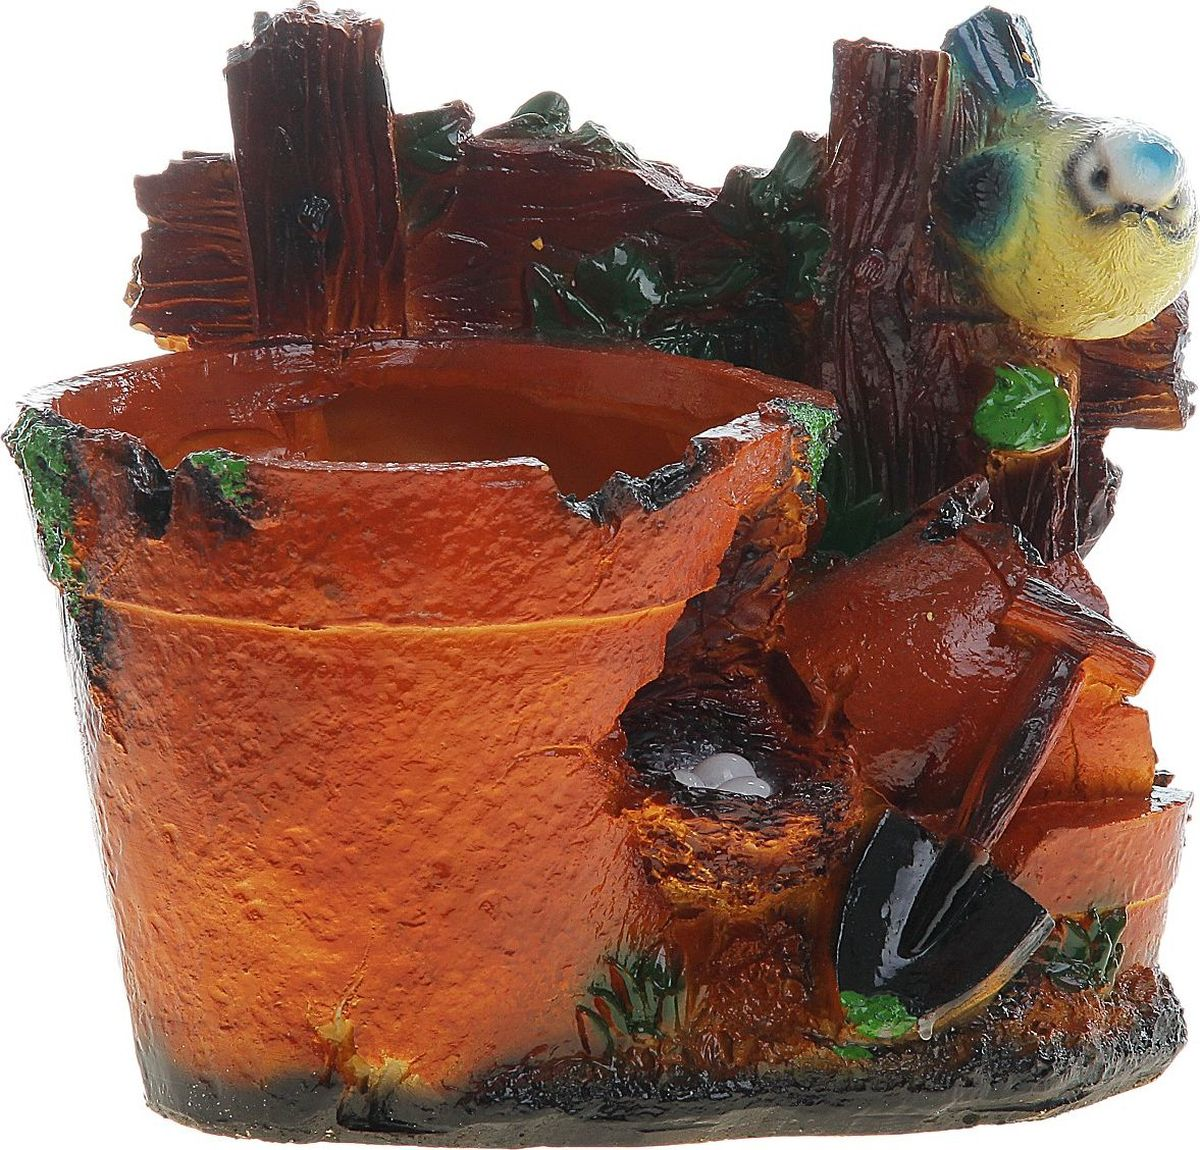 Кашпо Синичка на заборе, 22 х 15 х 20 см780566Комнатные растения — всеобщие любимцы. Они радуют глаз, насыщают помещение кислородом и украшают пространство. Каждому из растений необходим свой удобный и красивый дом. Поселите зеленого питомца в яркое и оригинальное фигурное кашпо. Выберите подходящую форму для детской, спальни, гостиной, балкона, офиса или террасы. позаботится о растении, украсит окружающее пространство и подчеркнет его оригинальный стиль.